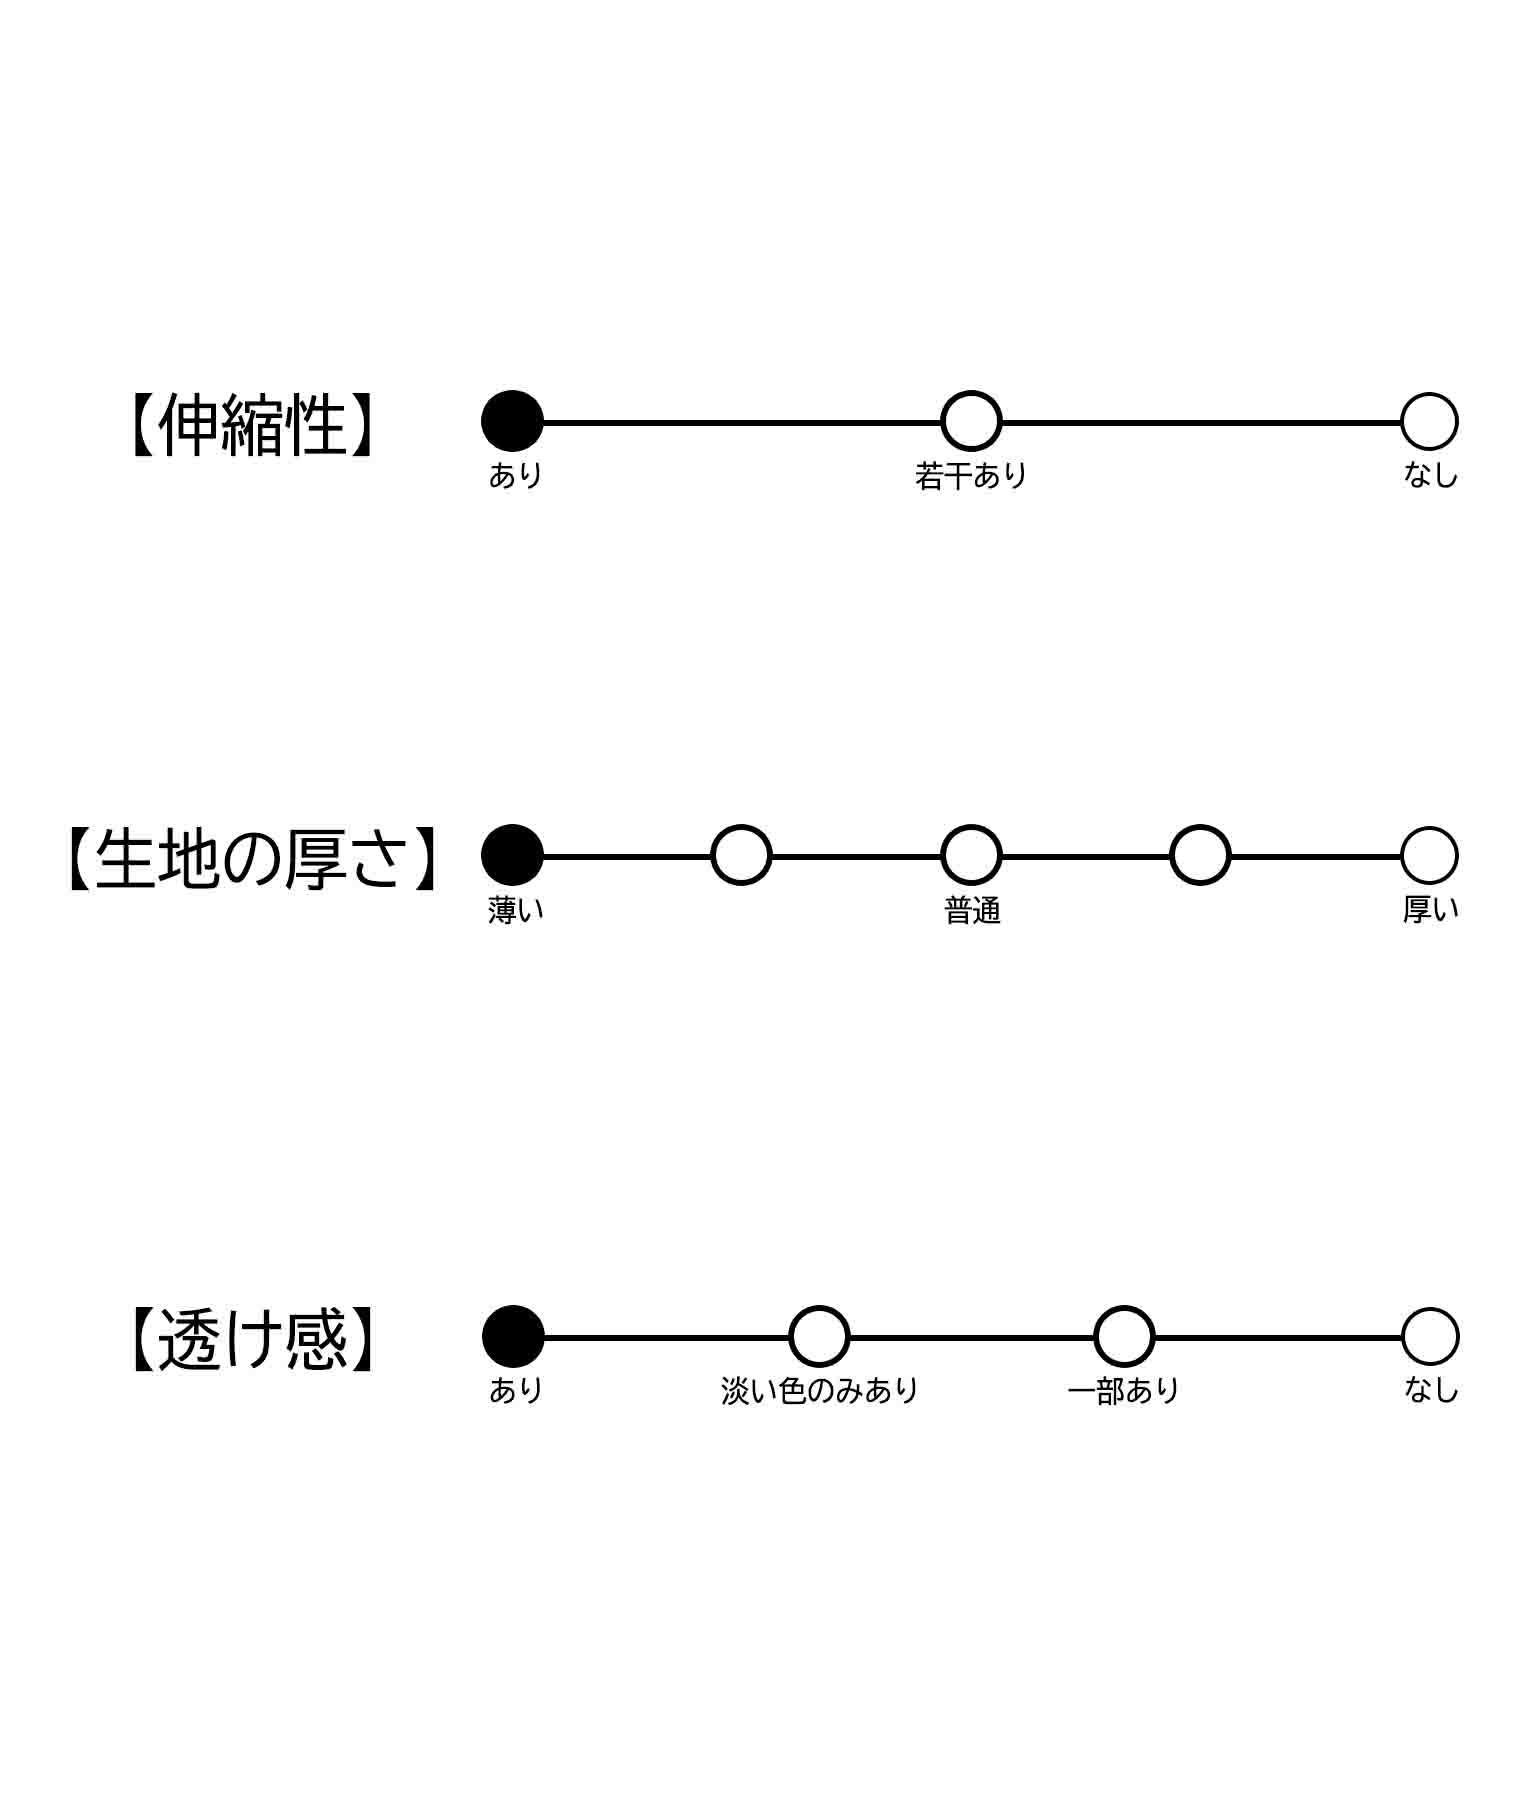 ヘムダメージキャミソール(トップス/キャミソール・タンクトップ)   anap mimpi